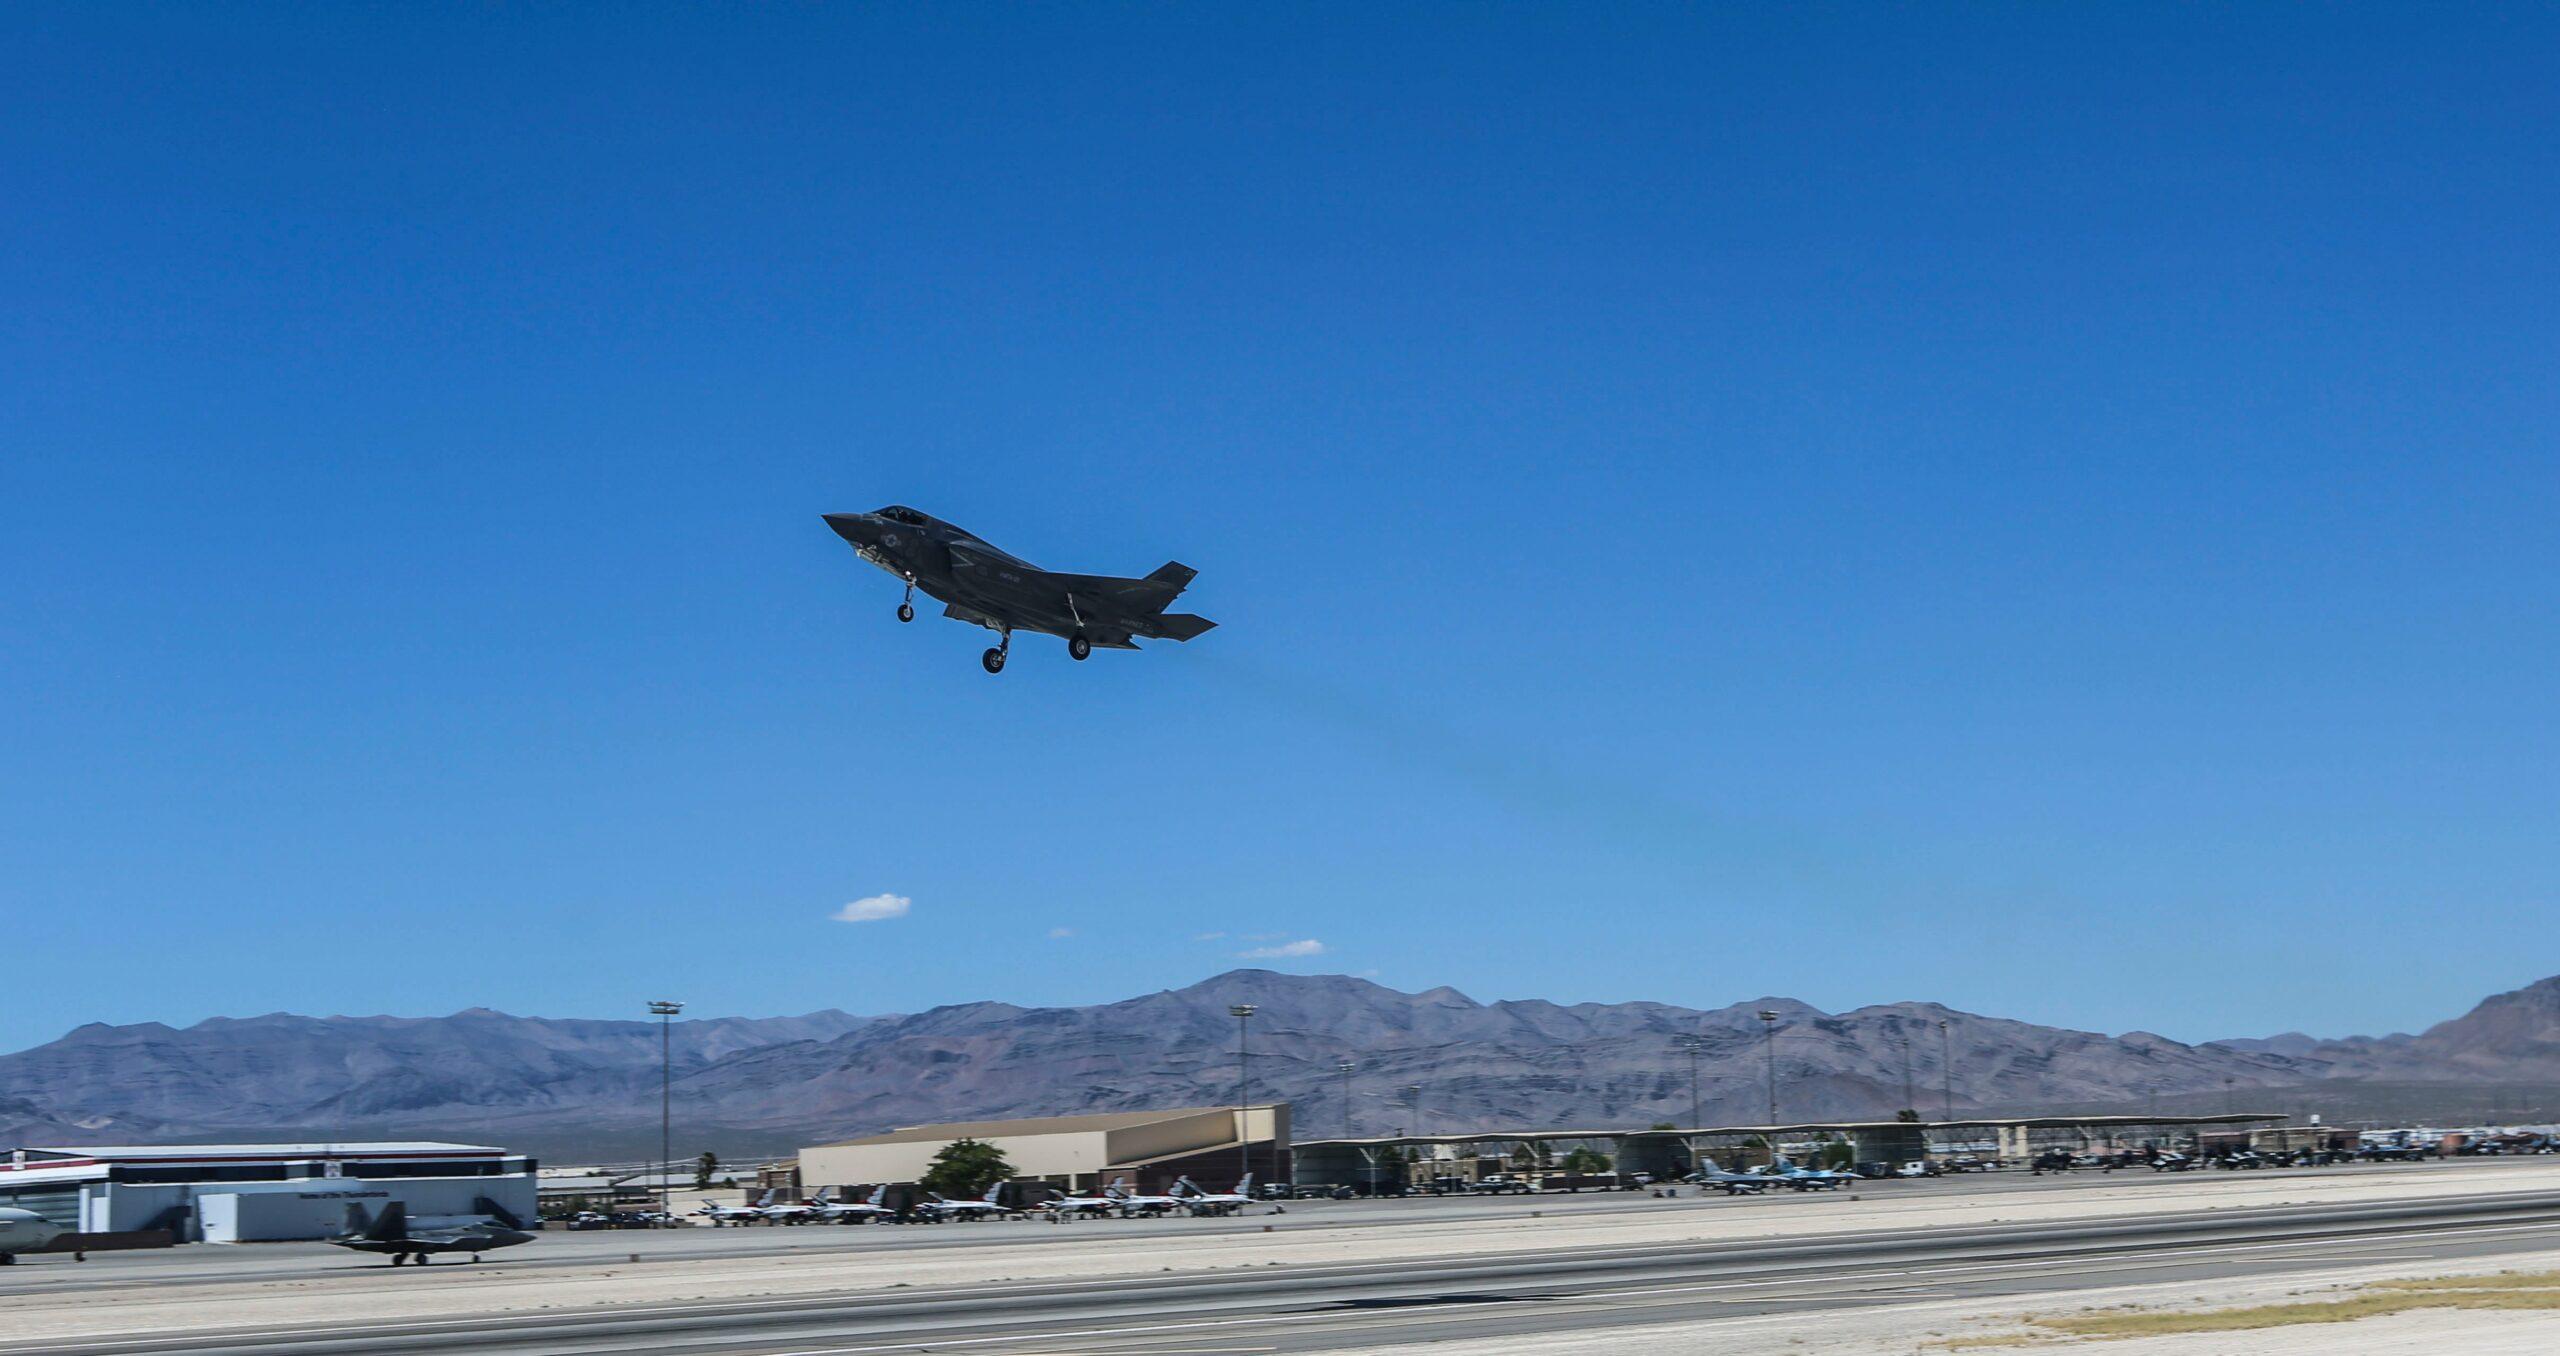 F-35,美國與阿拉伯聯合酋長國的合同進展如何